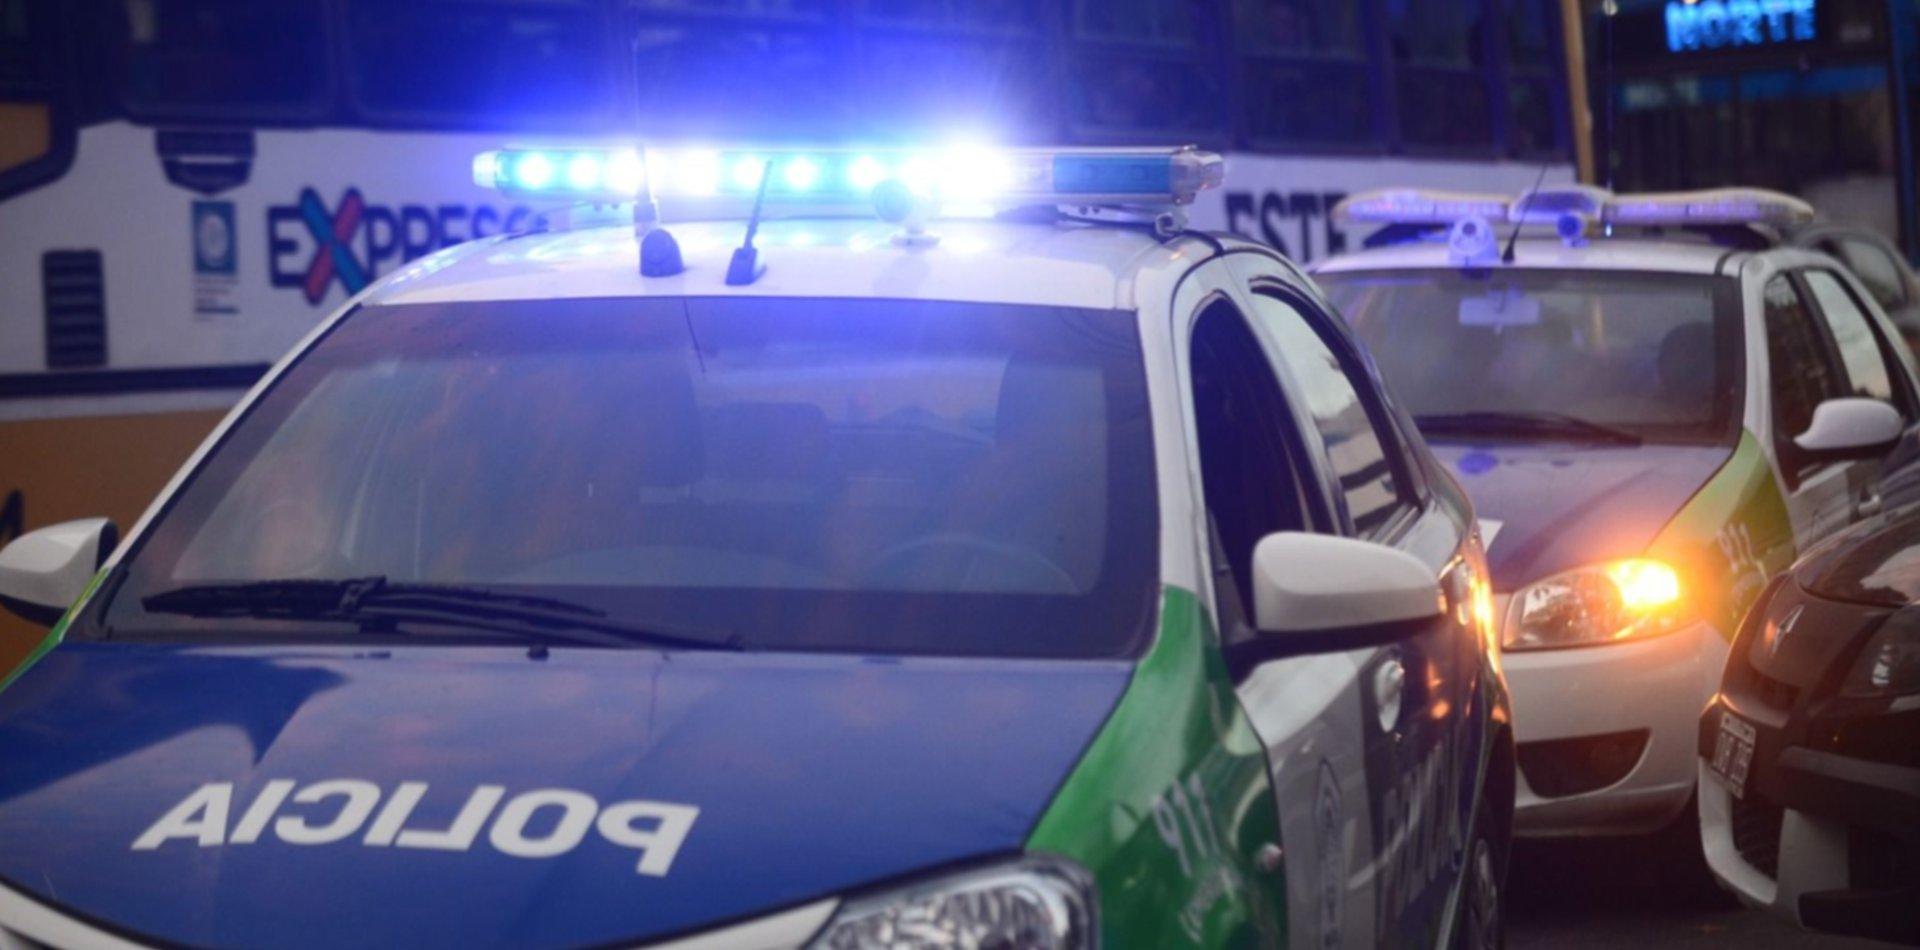 Brutal asalto en una pizzería de La Plata: disparos fallidos, golpes y amenazas